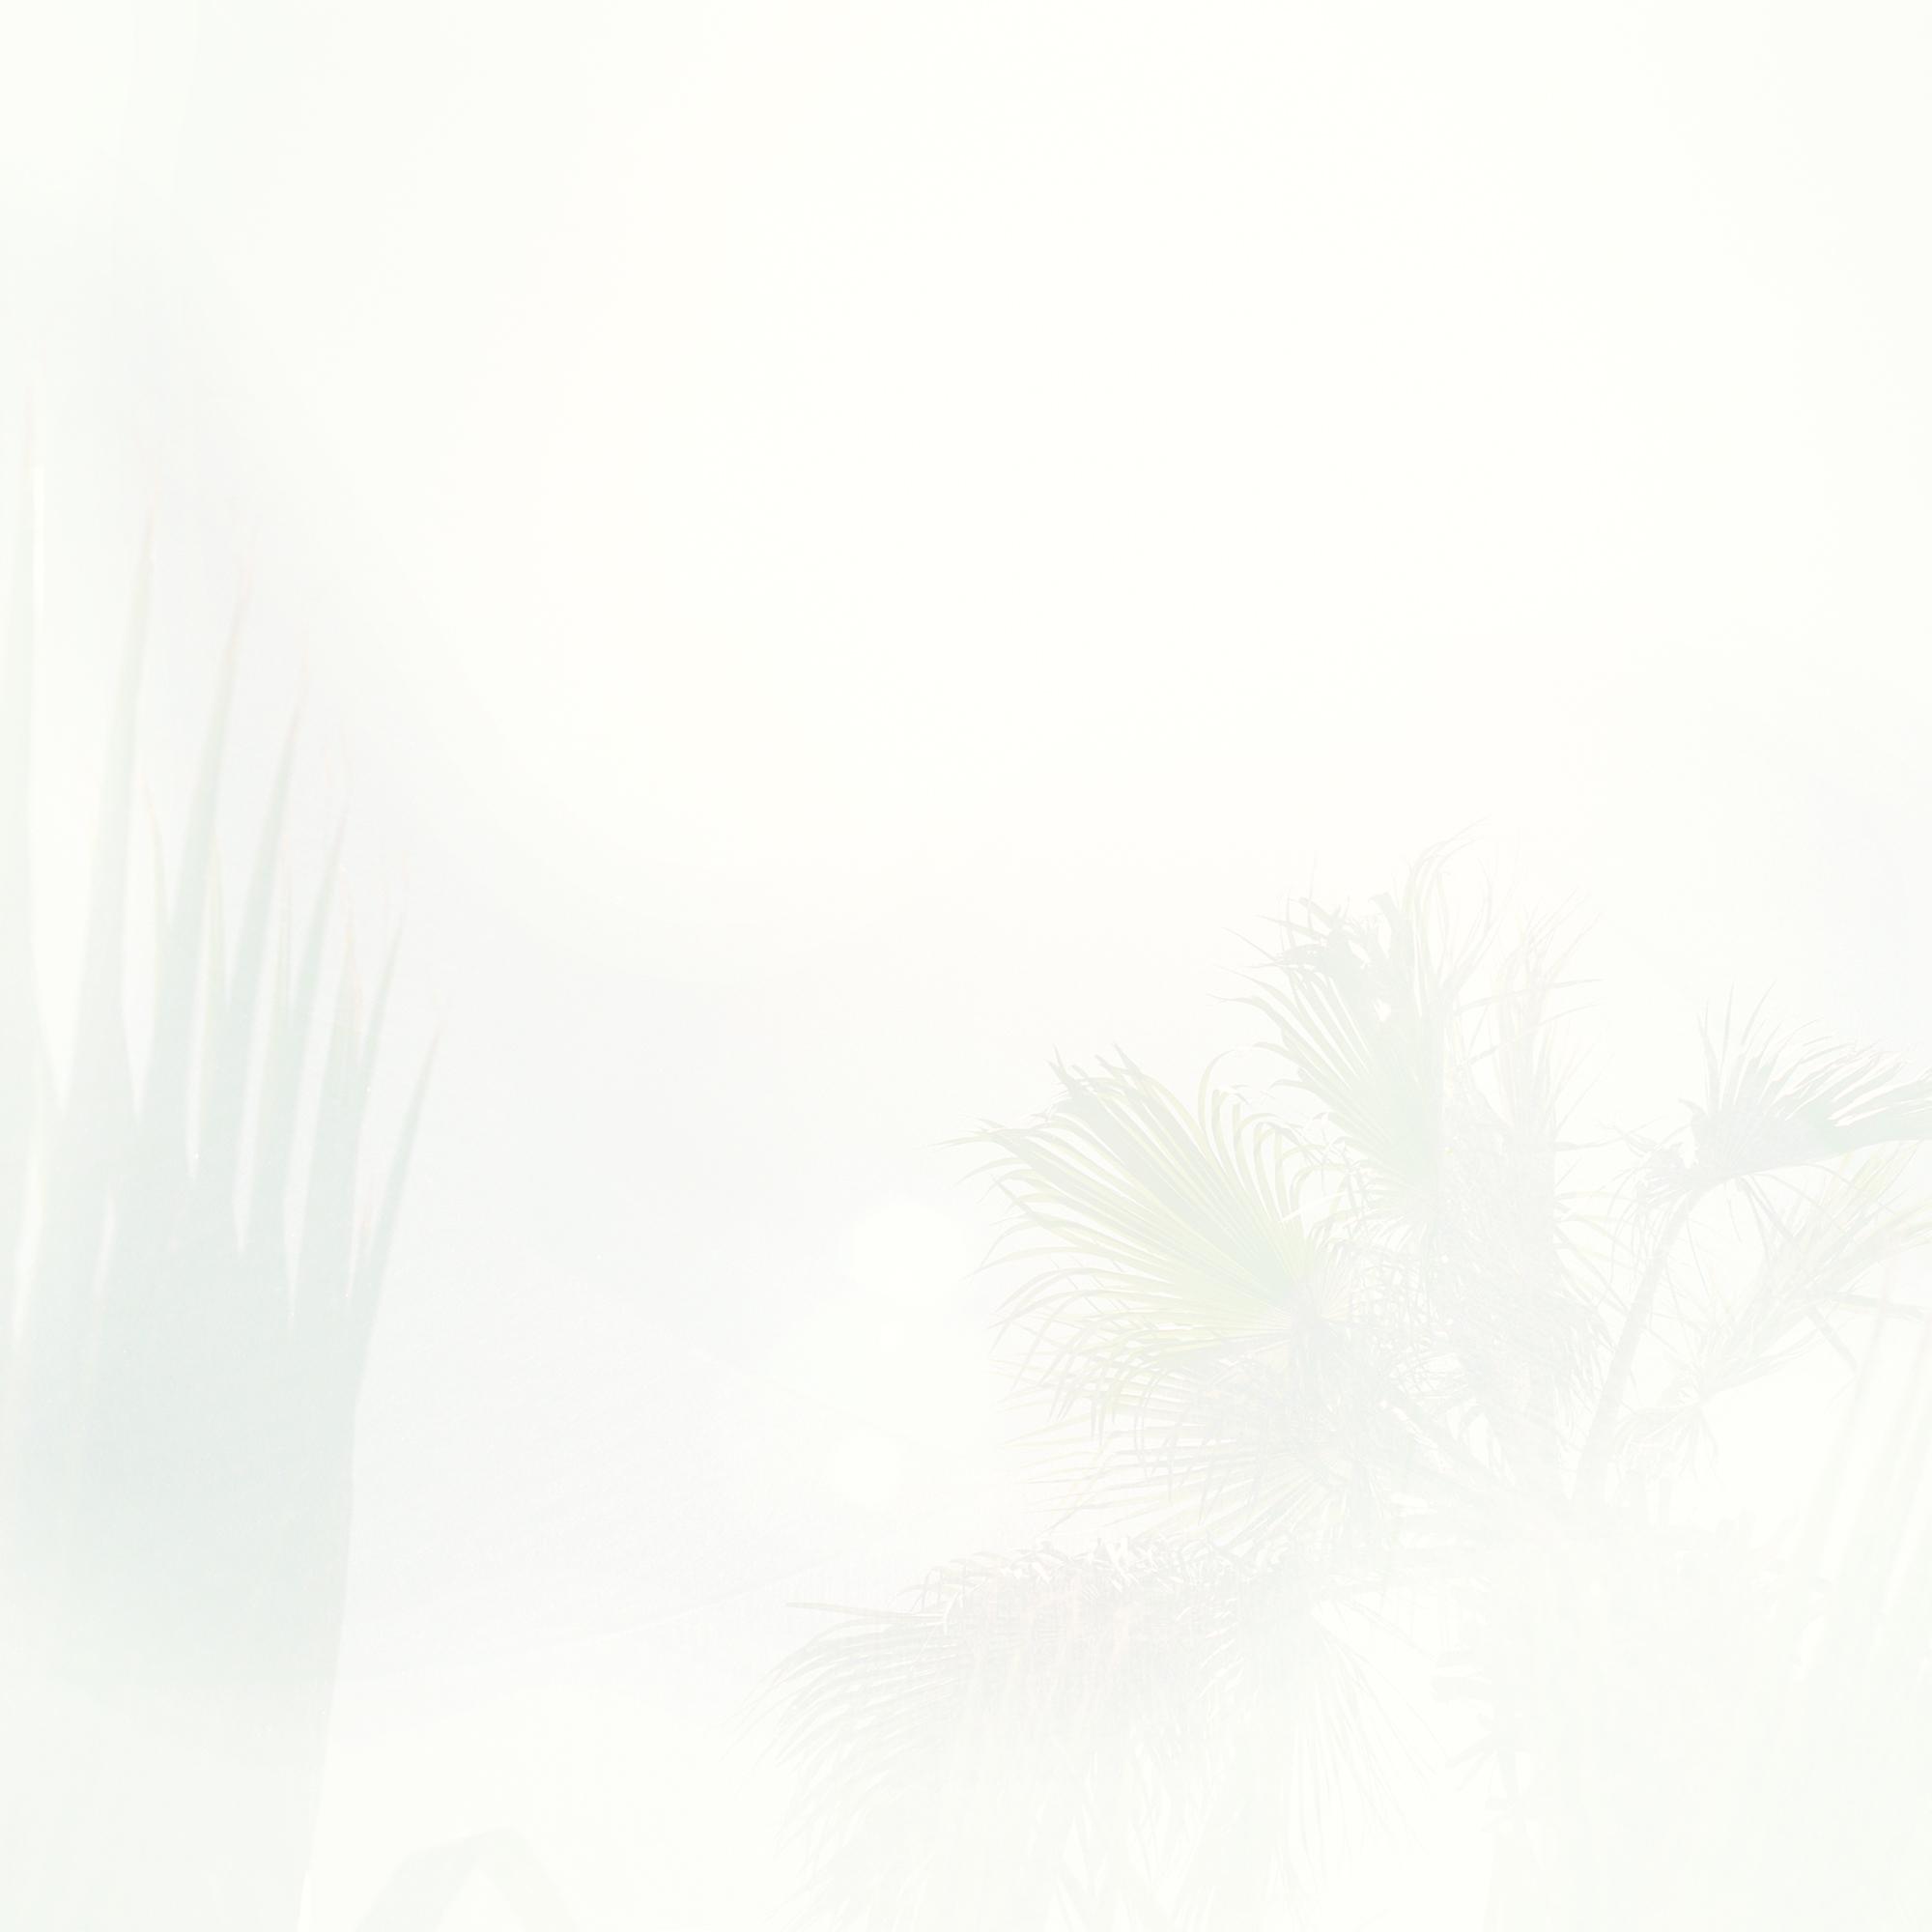 sun4_crop_FNL.jpg